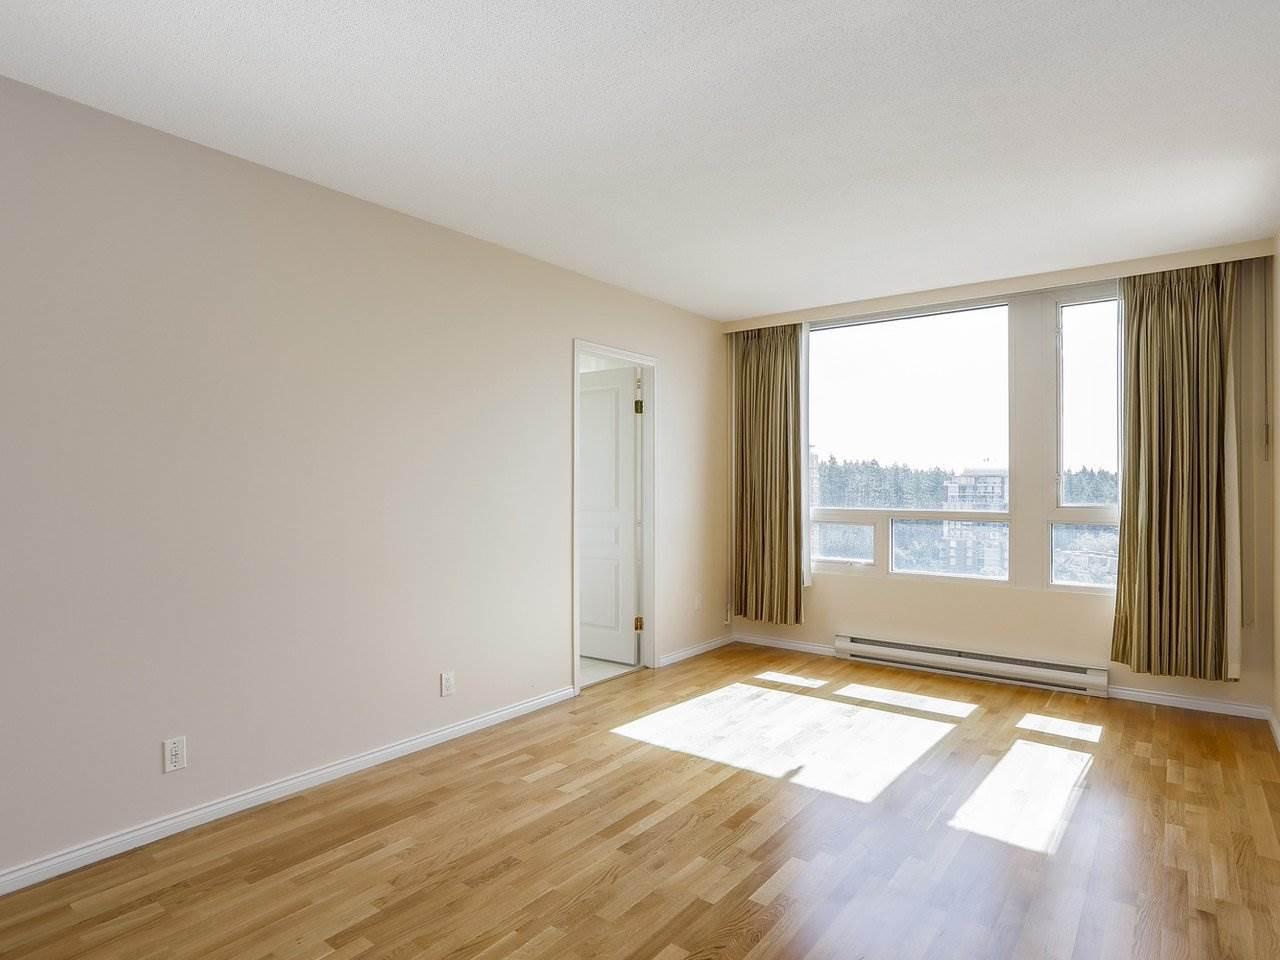 Condo Apartment at 1704 5775 HAMPTON PLACE, Unit 1704, Vancouver West, British Columbia. Image 8